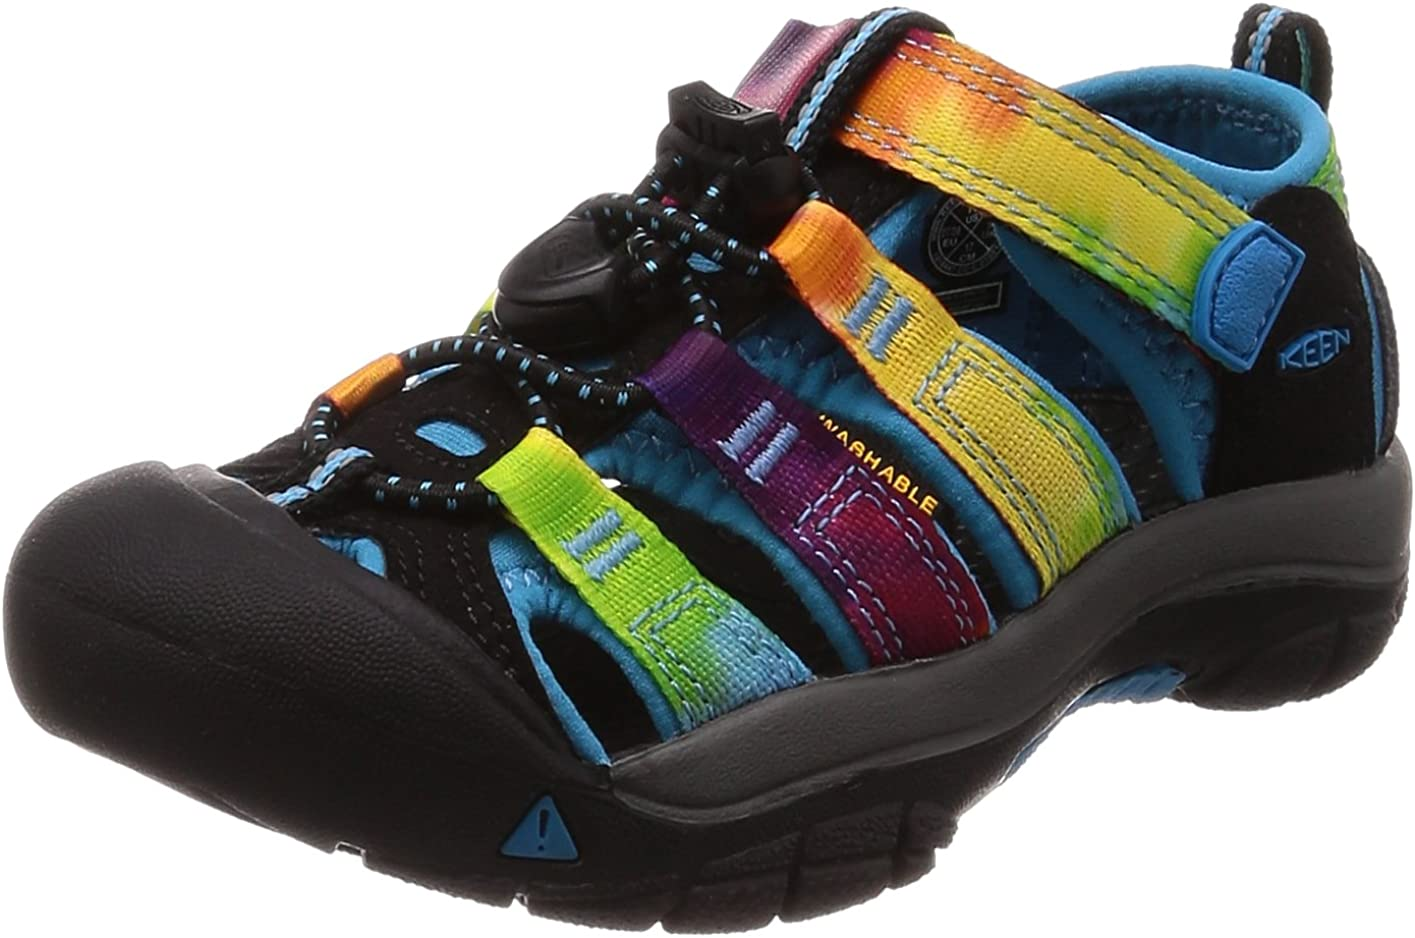 Keen Newport H2, Sandalia Unisex niños: Amazon.es: Zapatos y ...